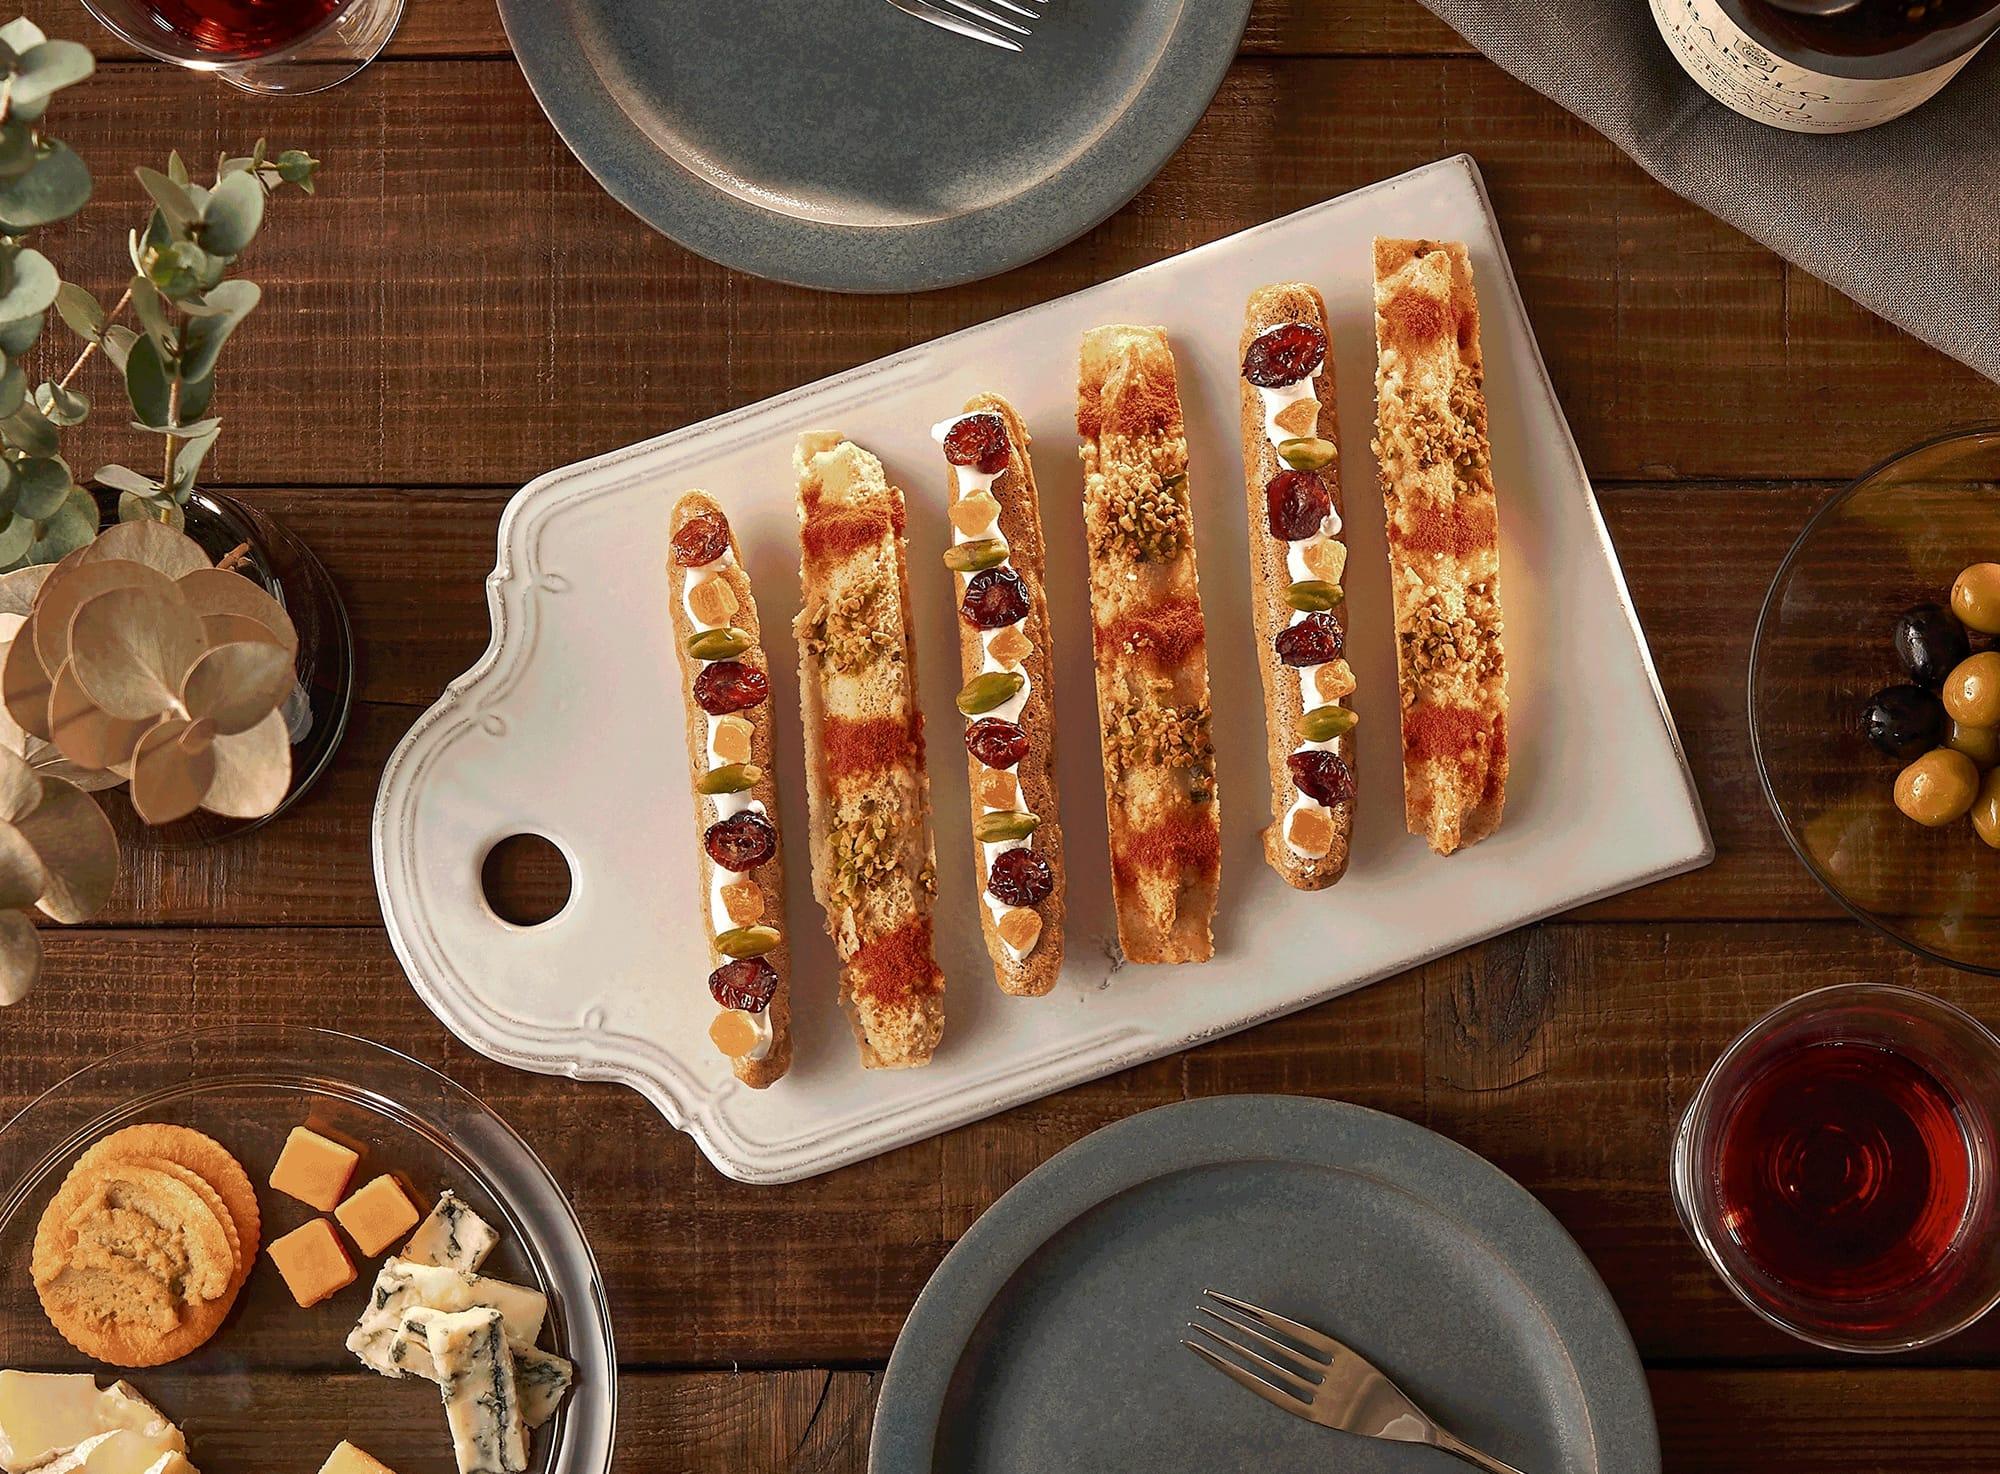 絵具パレットのようにカラフルで、ナッツやチーズの食感が楽しい「きりのさか RICE PALETTE(ライスパレット)」全2種類。